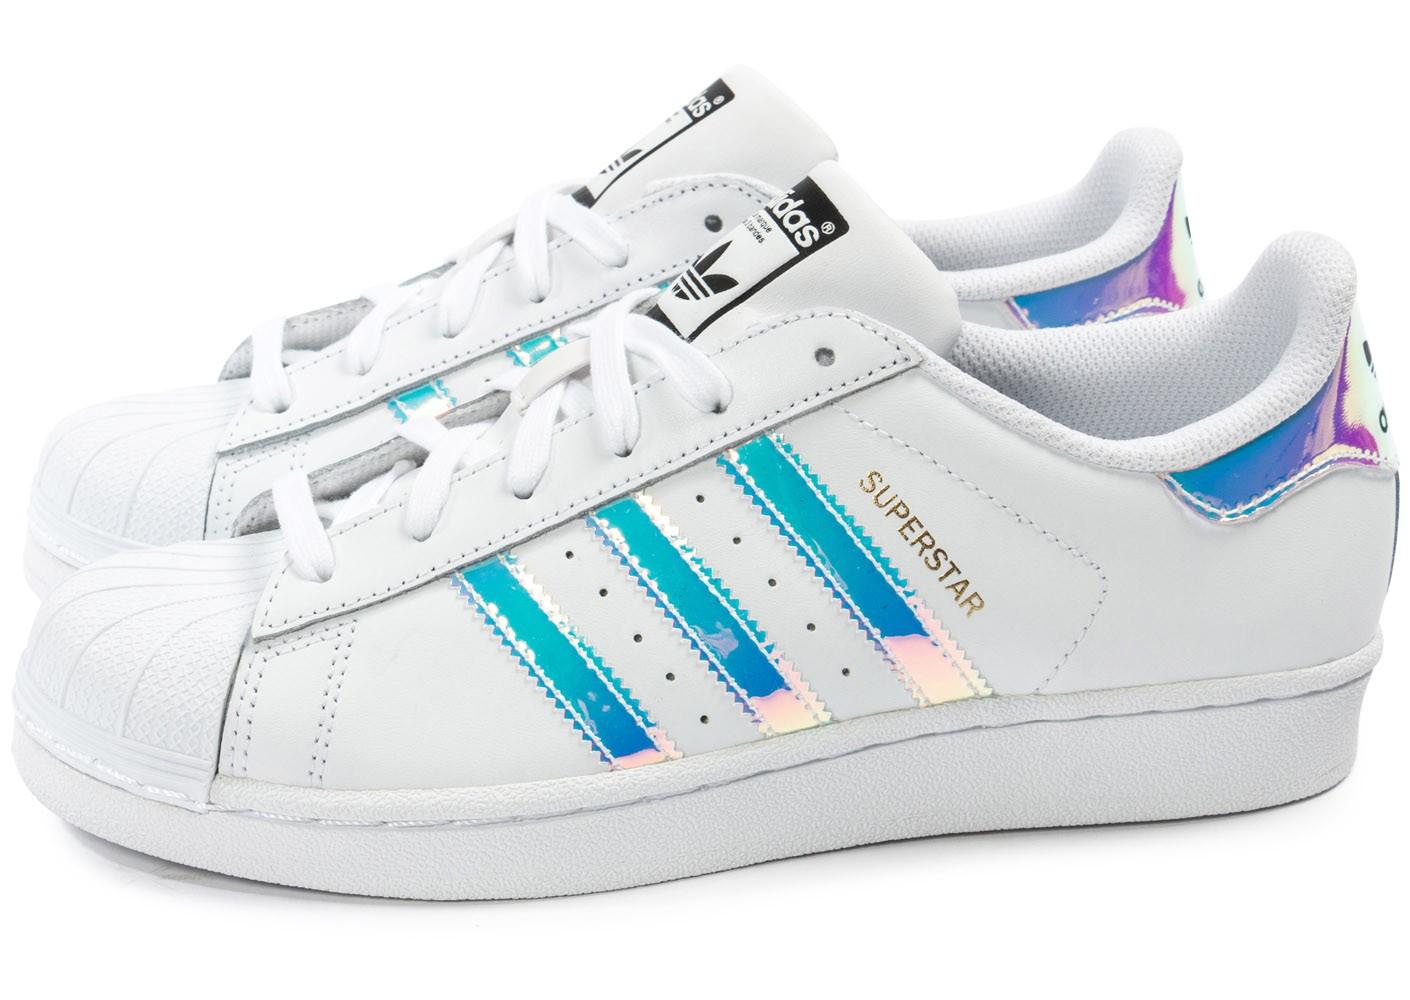 Qui Adidas Marques Superstar Brille Et Vendues Nouveautés Les Plus Tl1JFKc